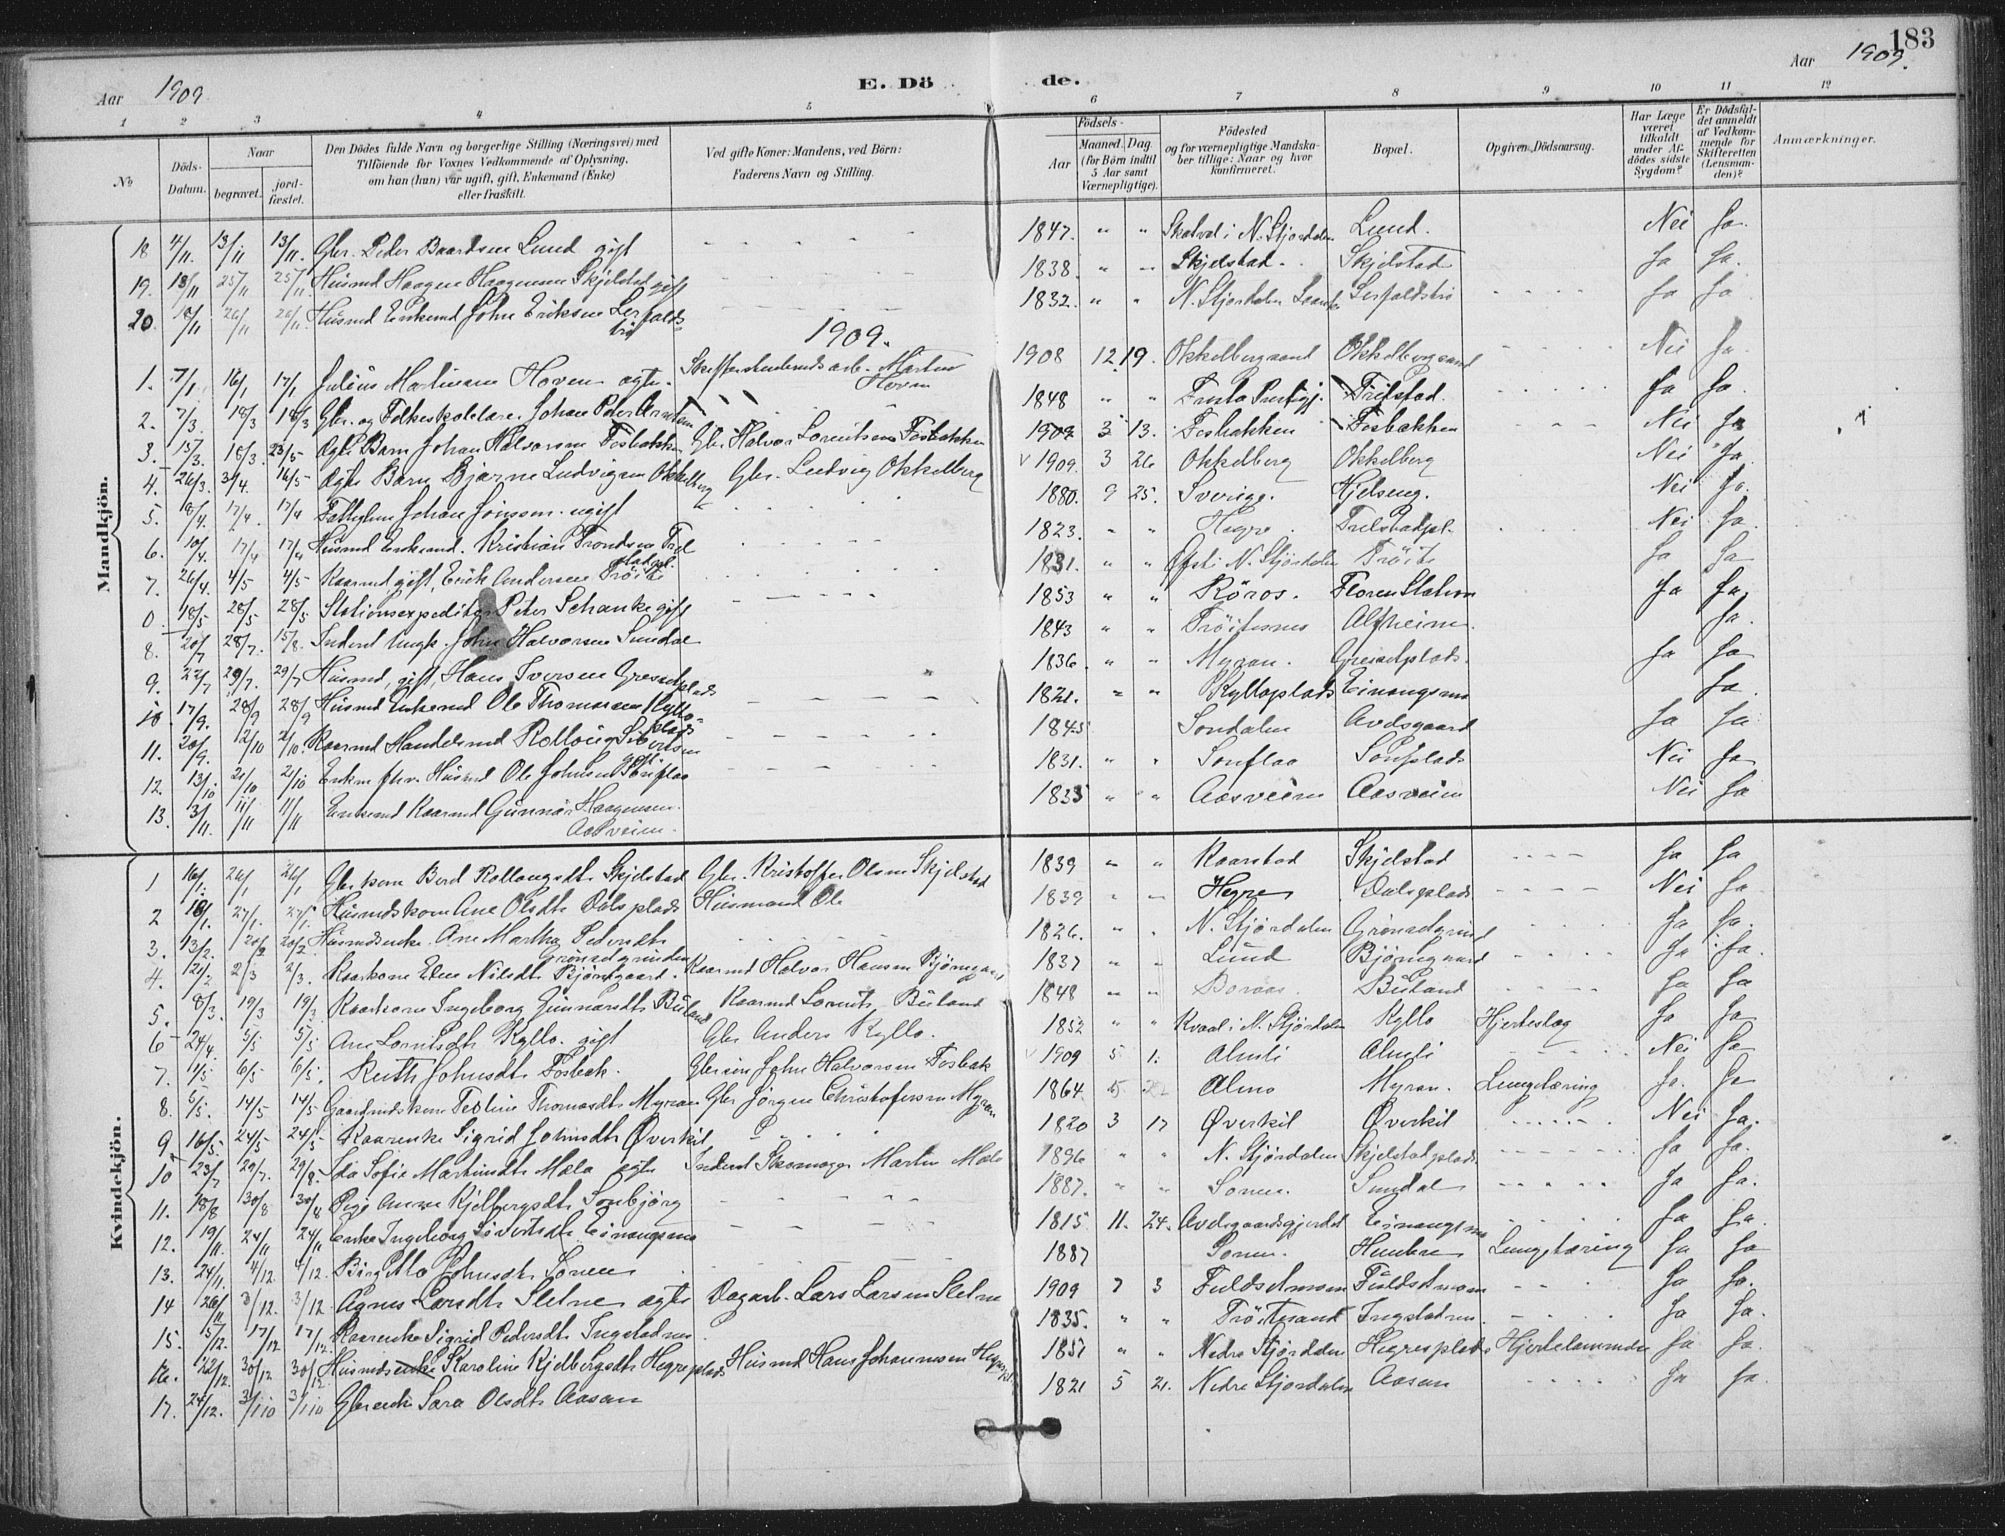 SAT, Ministerialprotokoller, klokkerbøker og fødselsregistre - Nord-Trøndelag, 703/L0031: Ministerialbok nr. 703A04, 1893-1914, s. 183